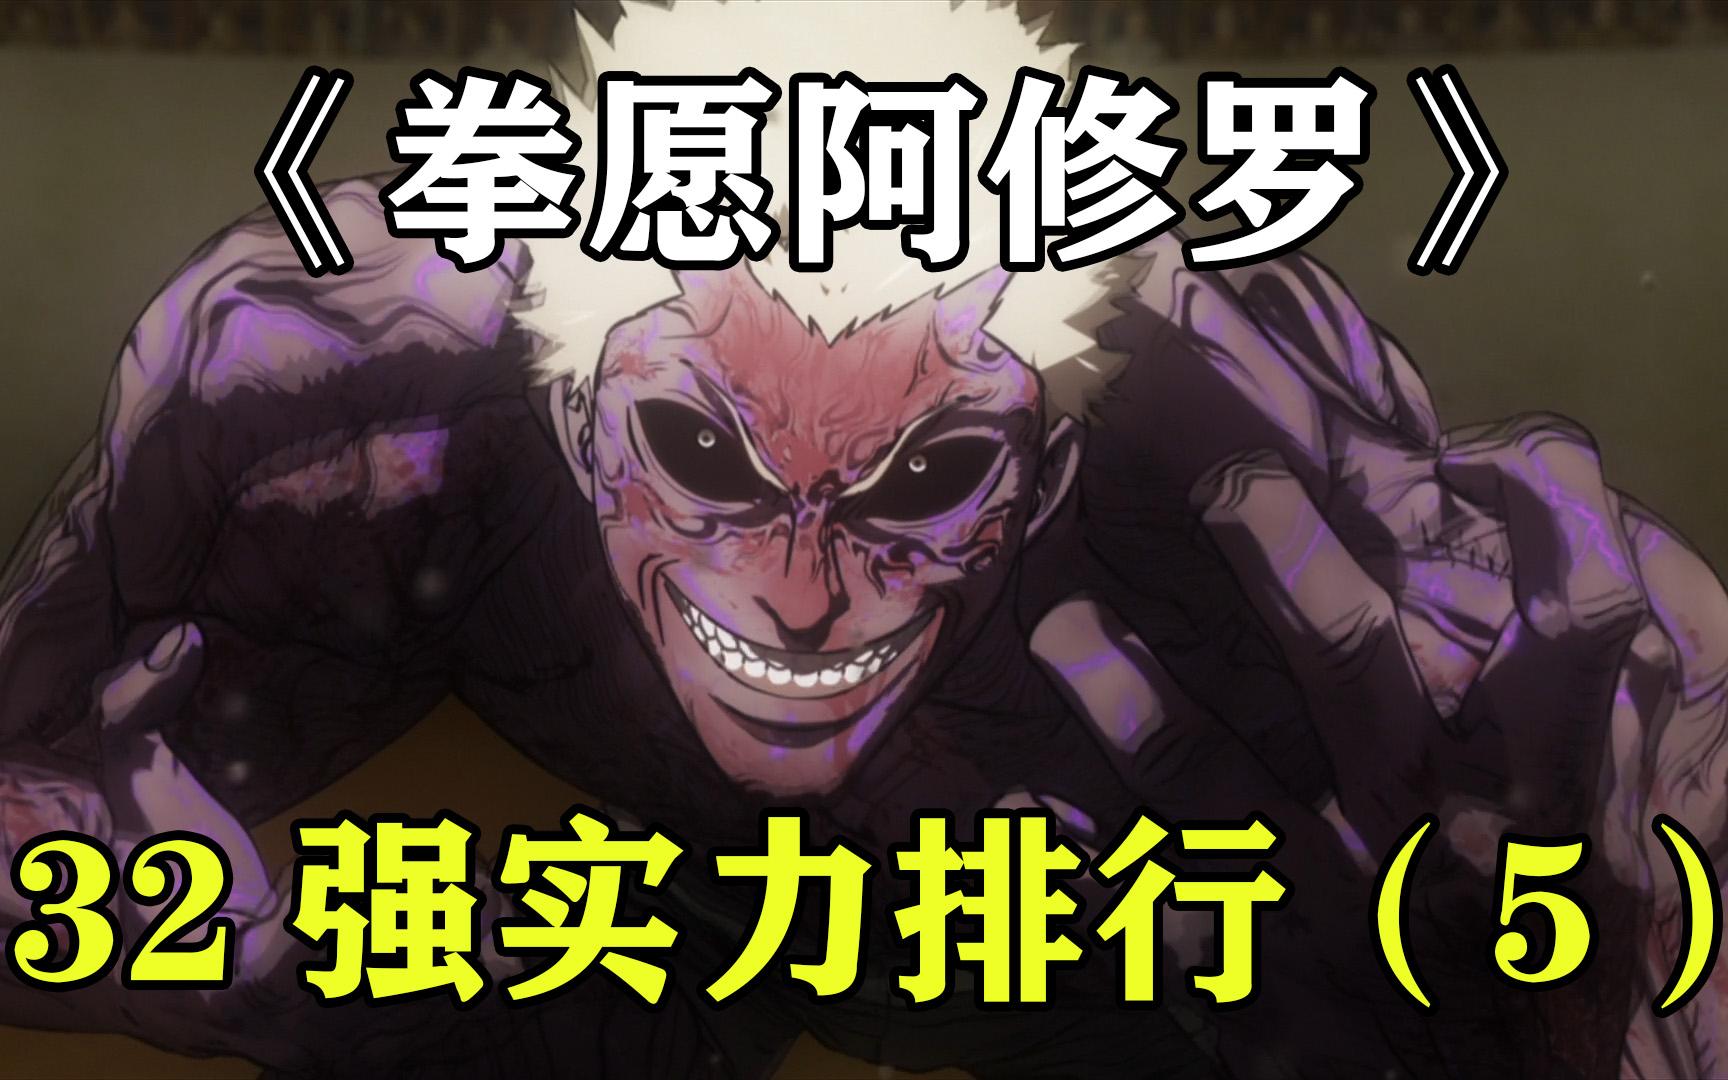 【潇宝】拳愿阿修罗32强实力排行一P5(第9-6名)